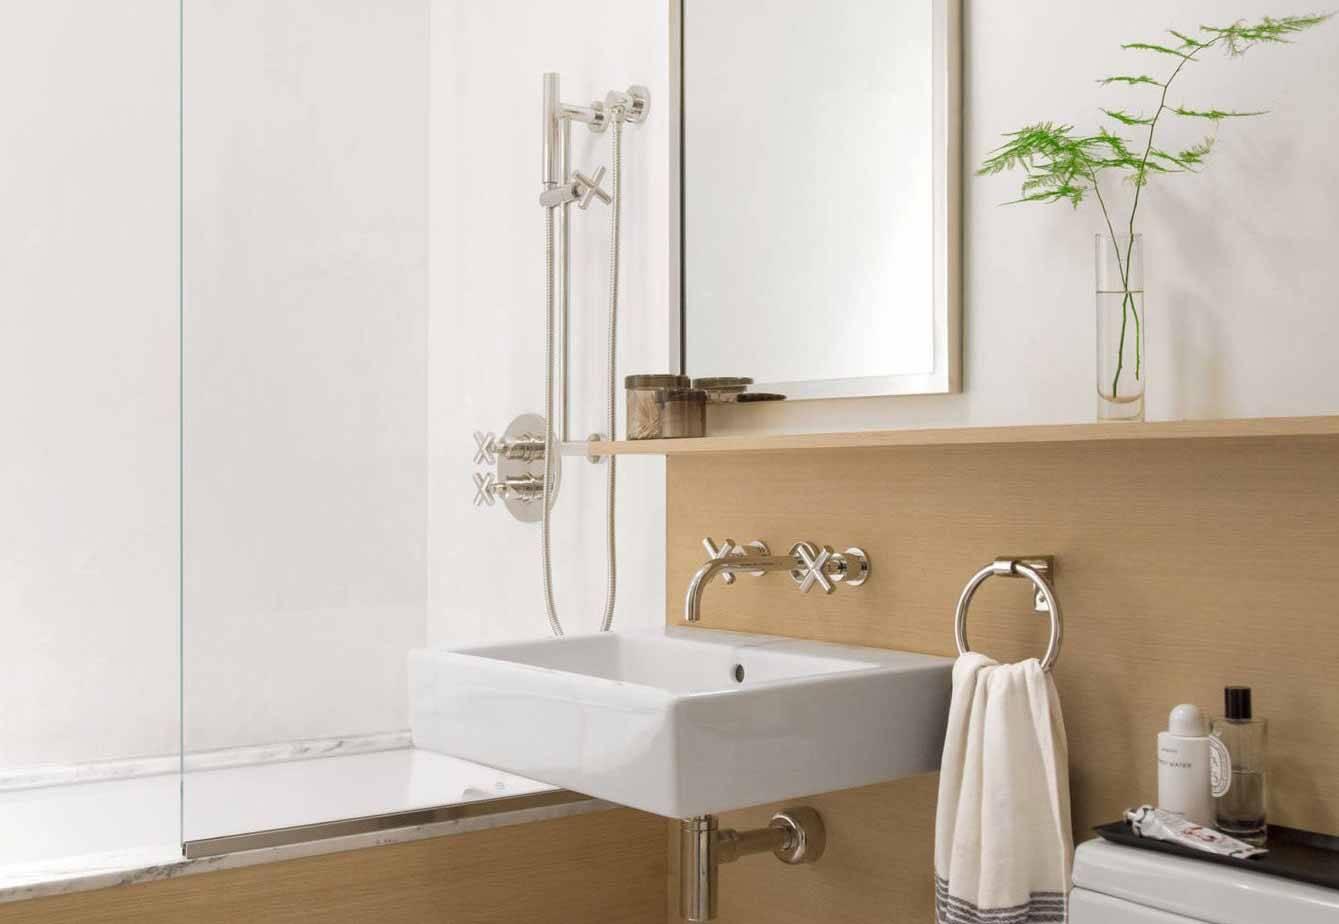 11 truques de decoração para aumentar o banheiro sem gastar muito. Foto: Divulgação